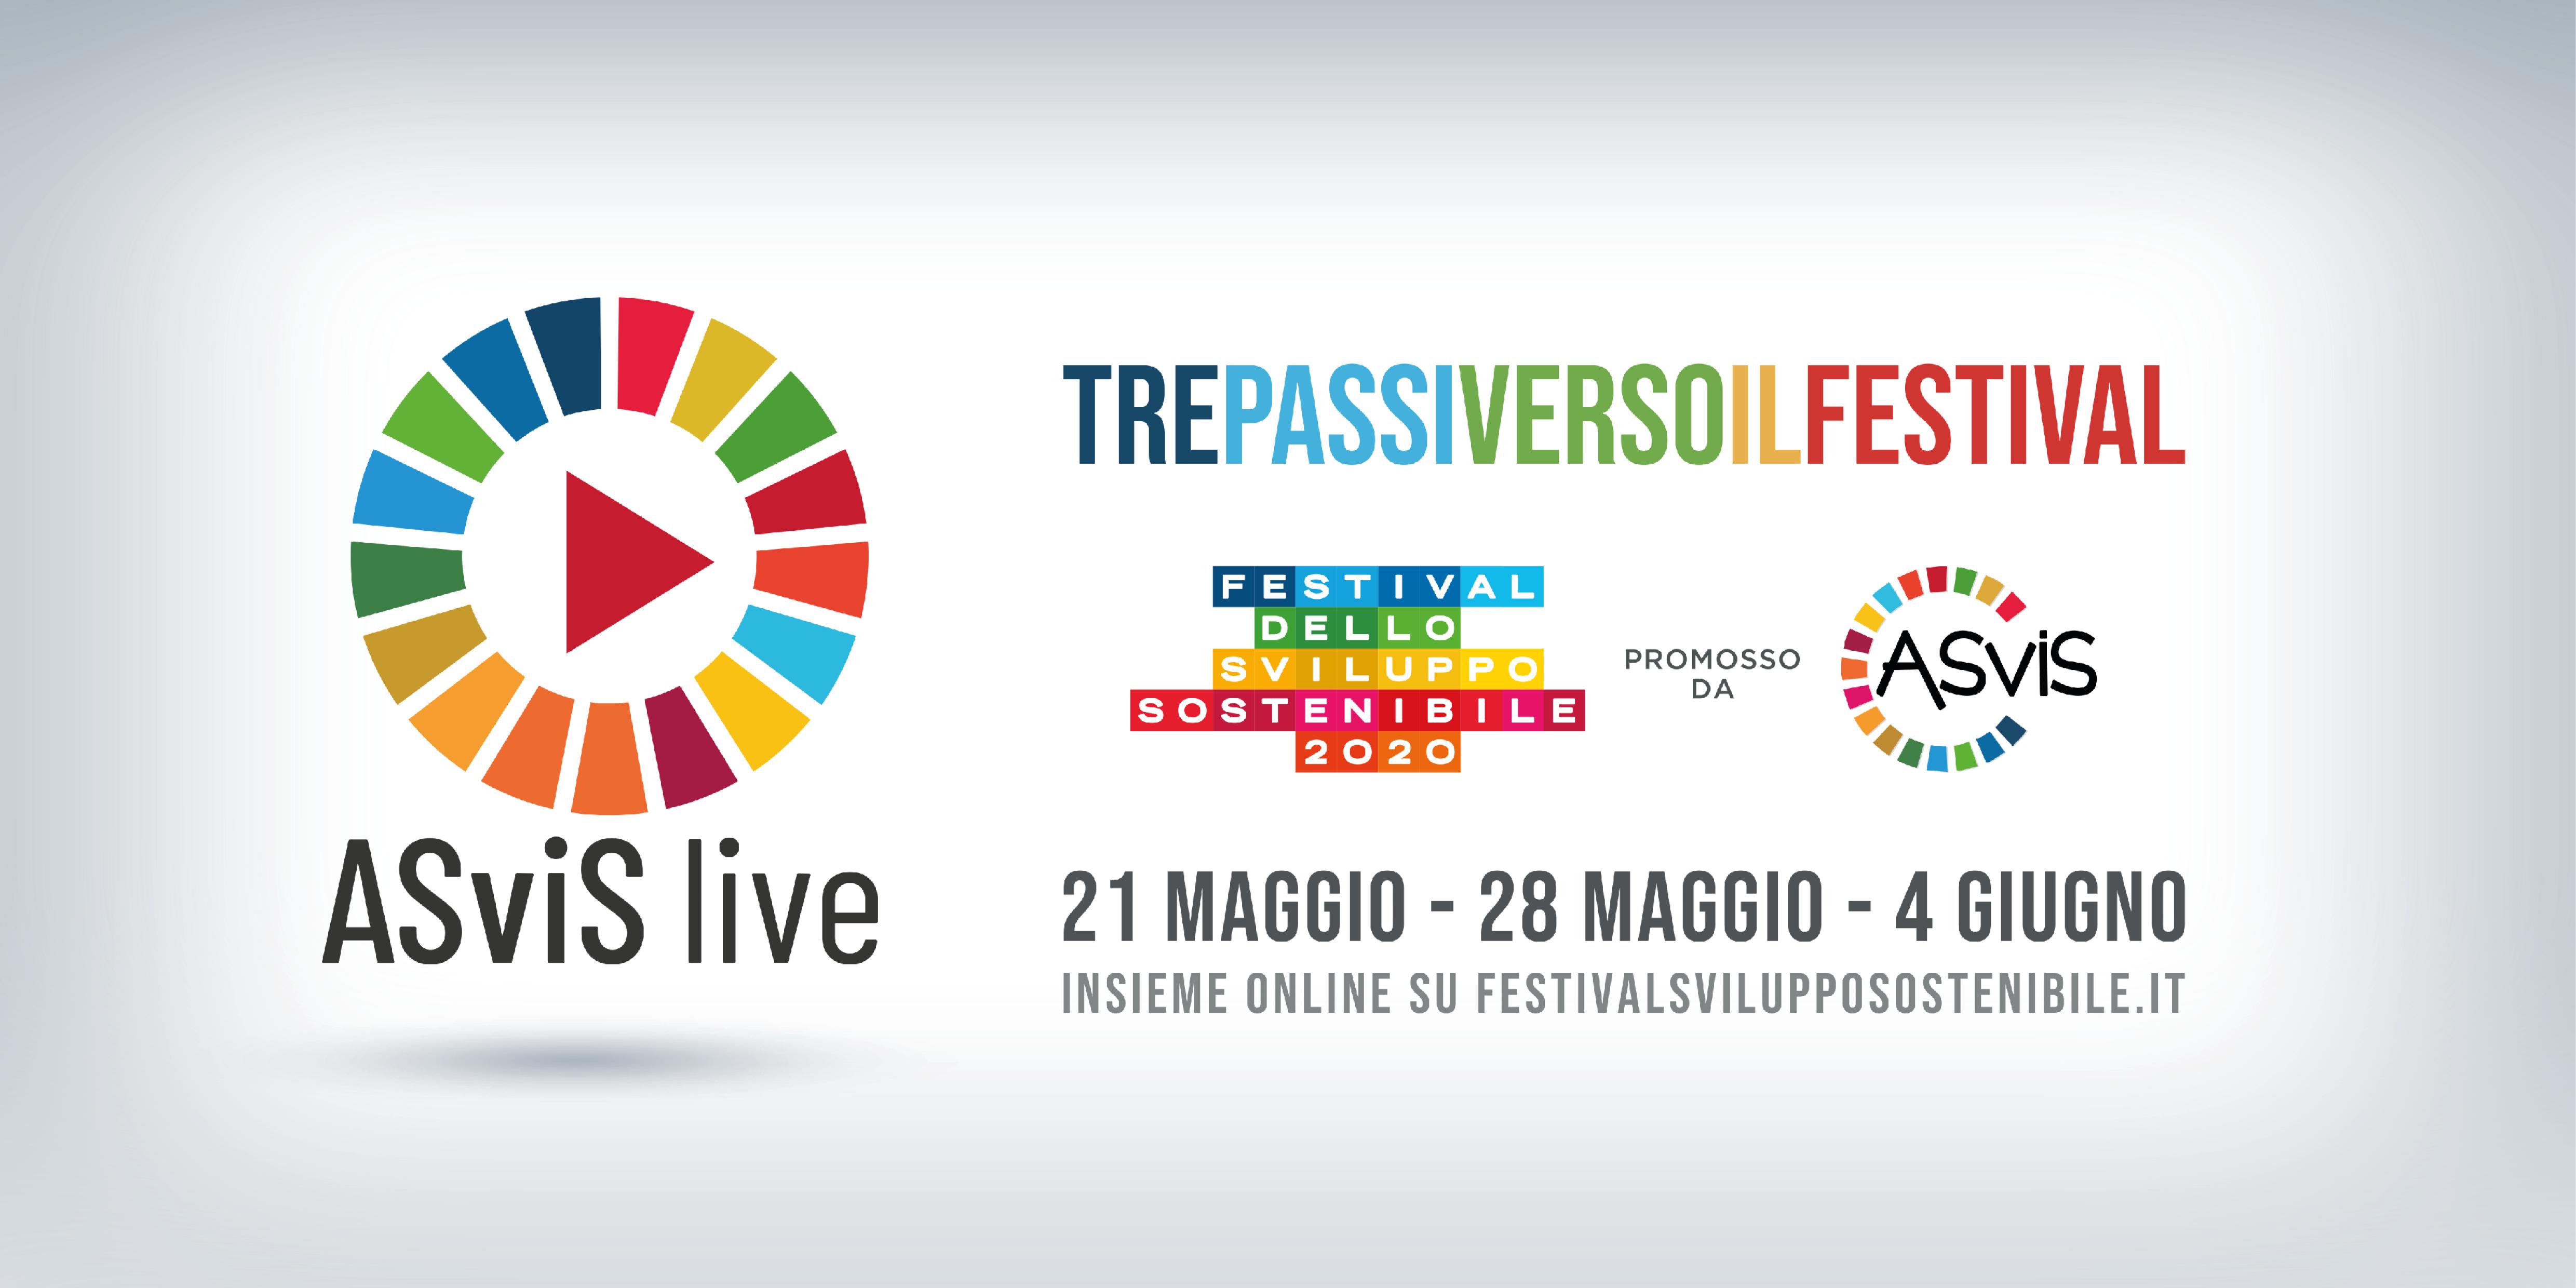 ASViS Live: tre passi verso il Festival dello Sviluppo Sostenibile